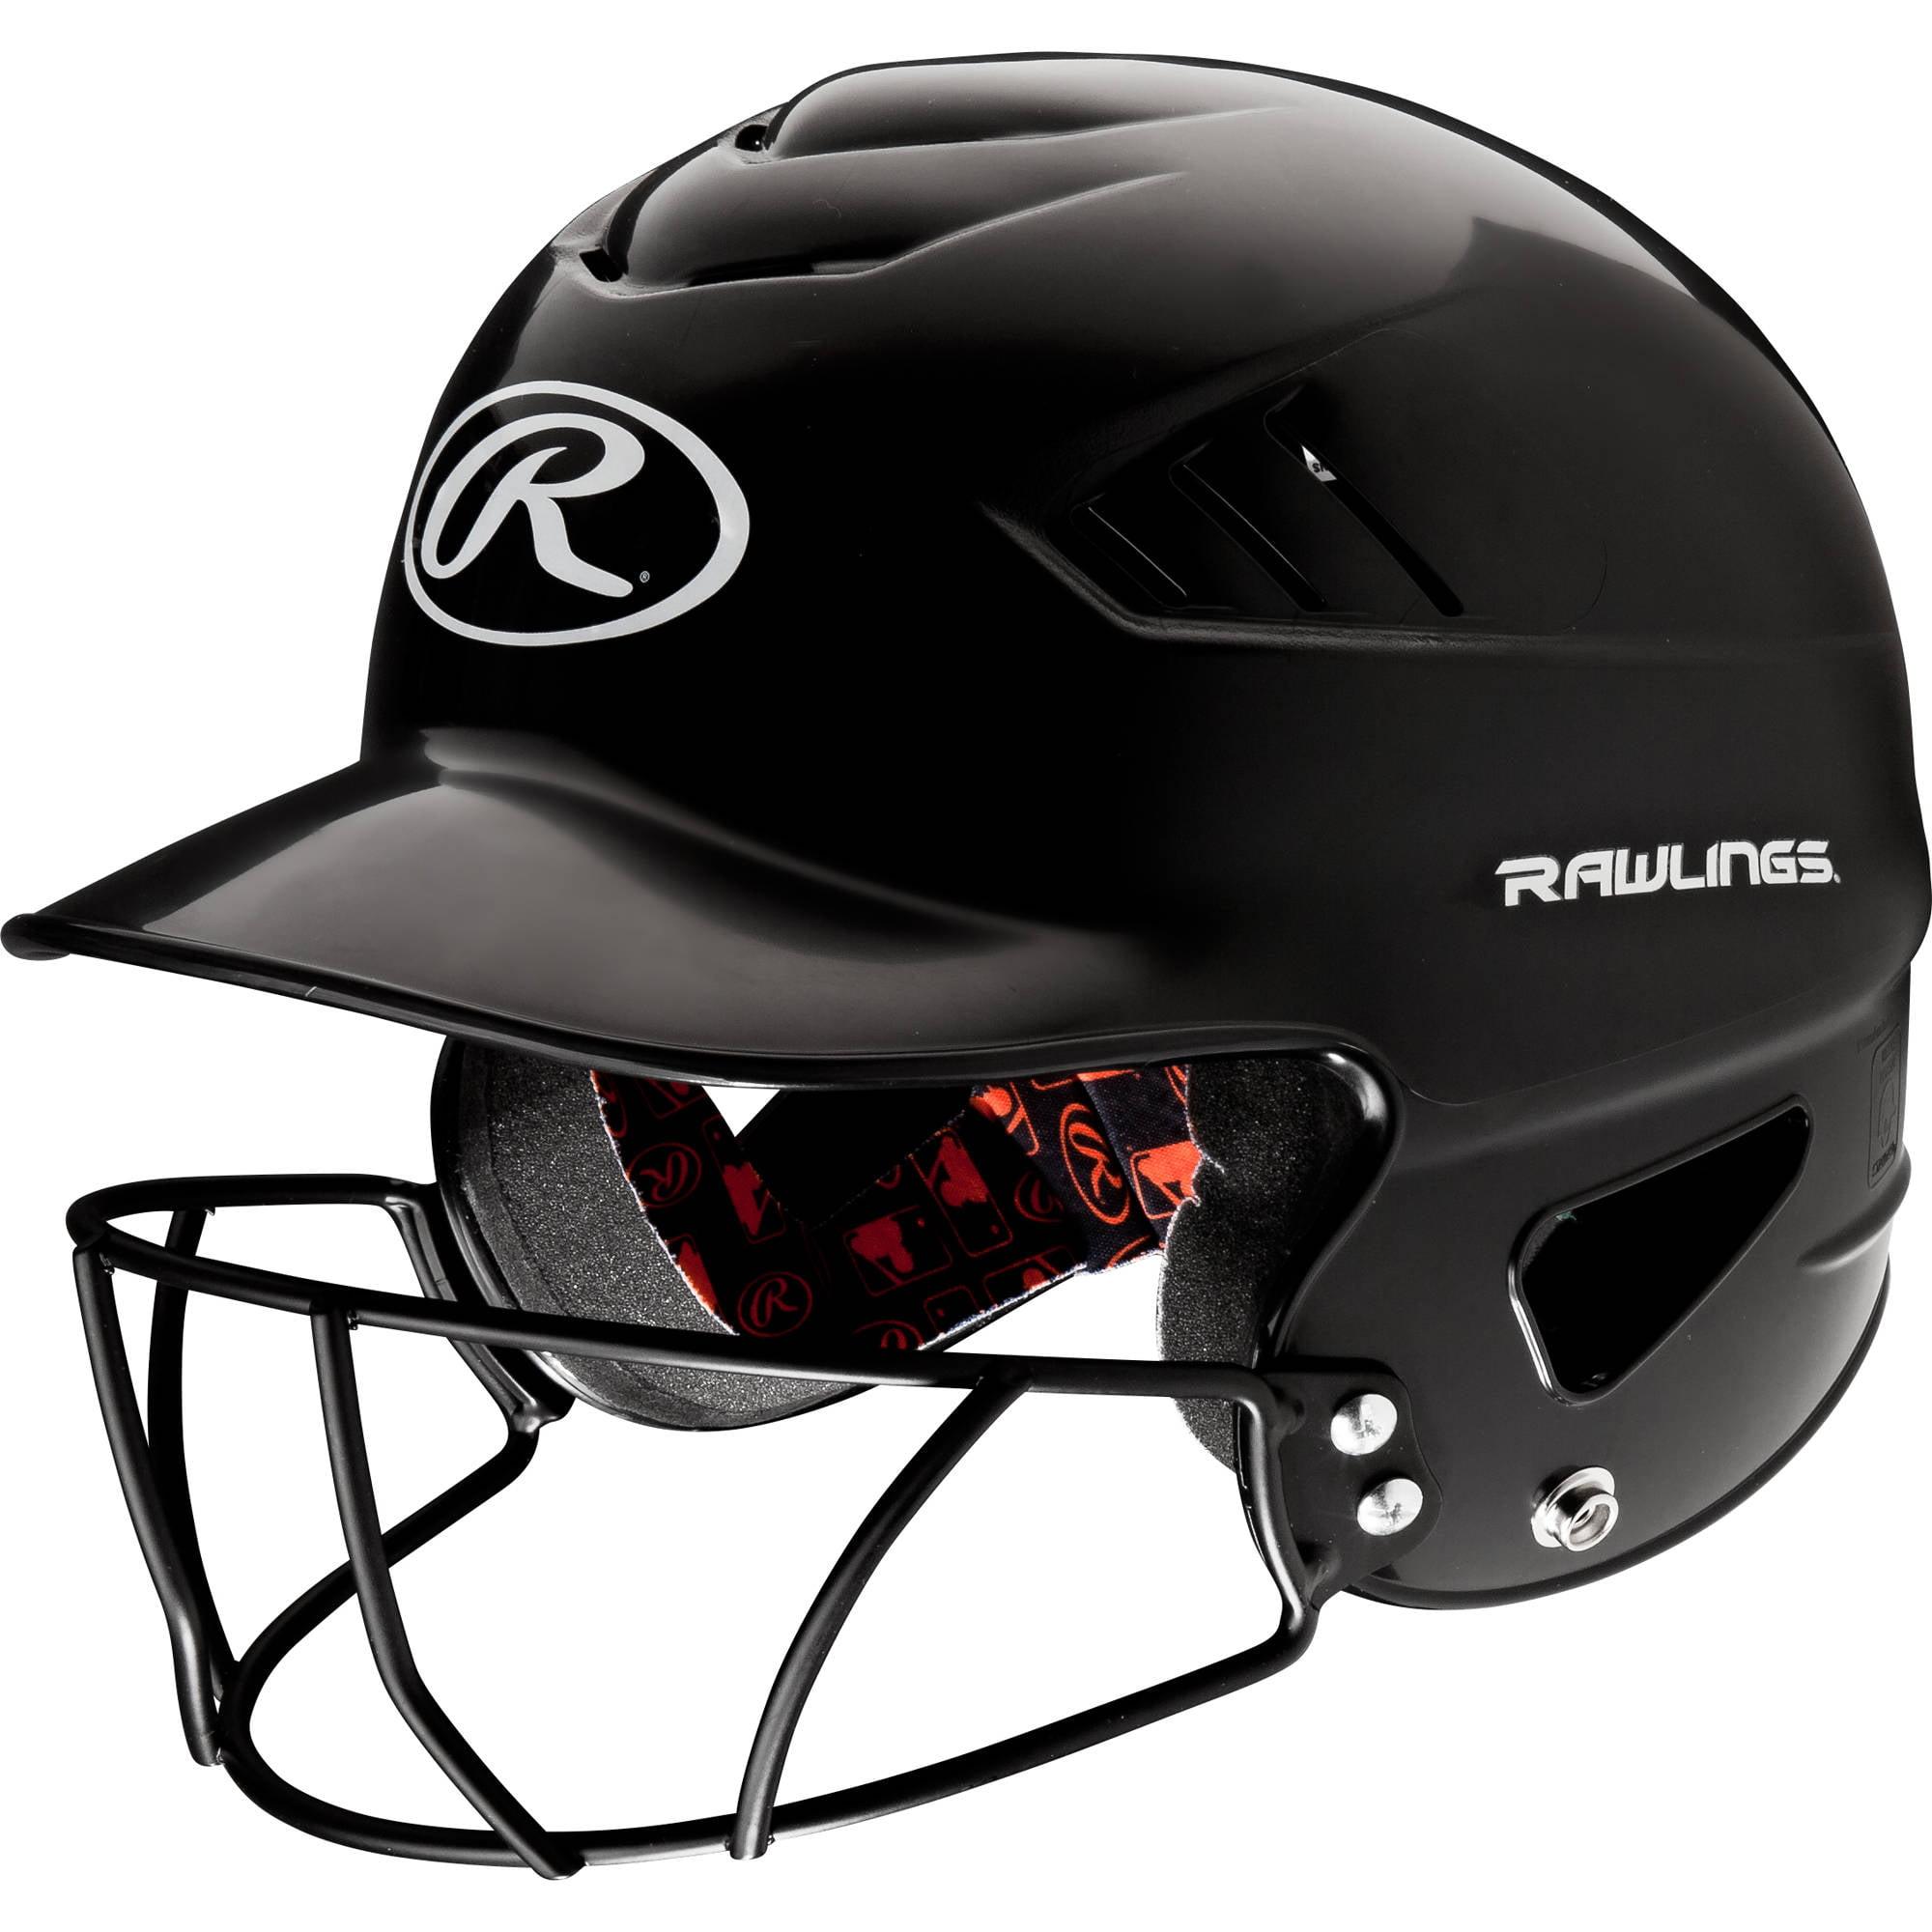 Rawlings Coolflo Helmet with Mask, Black